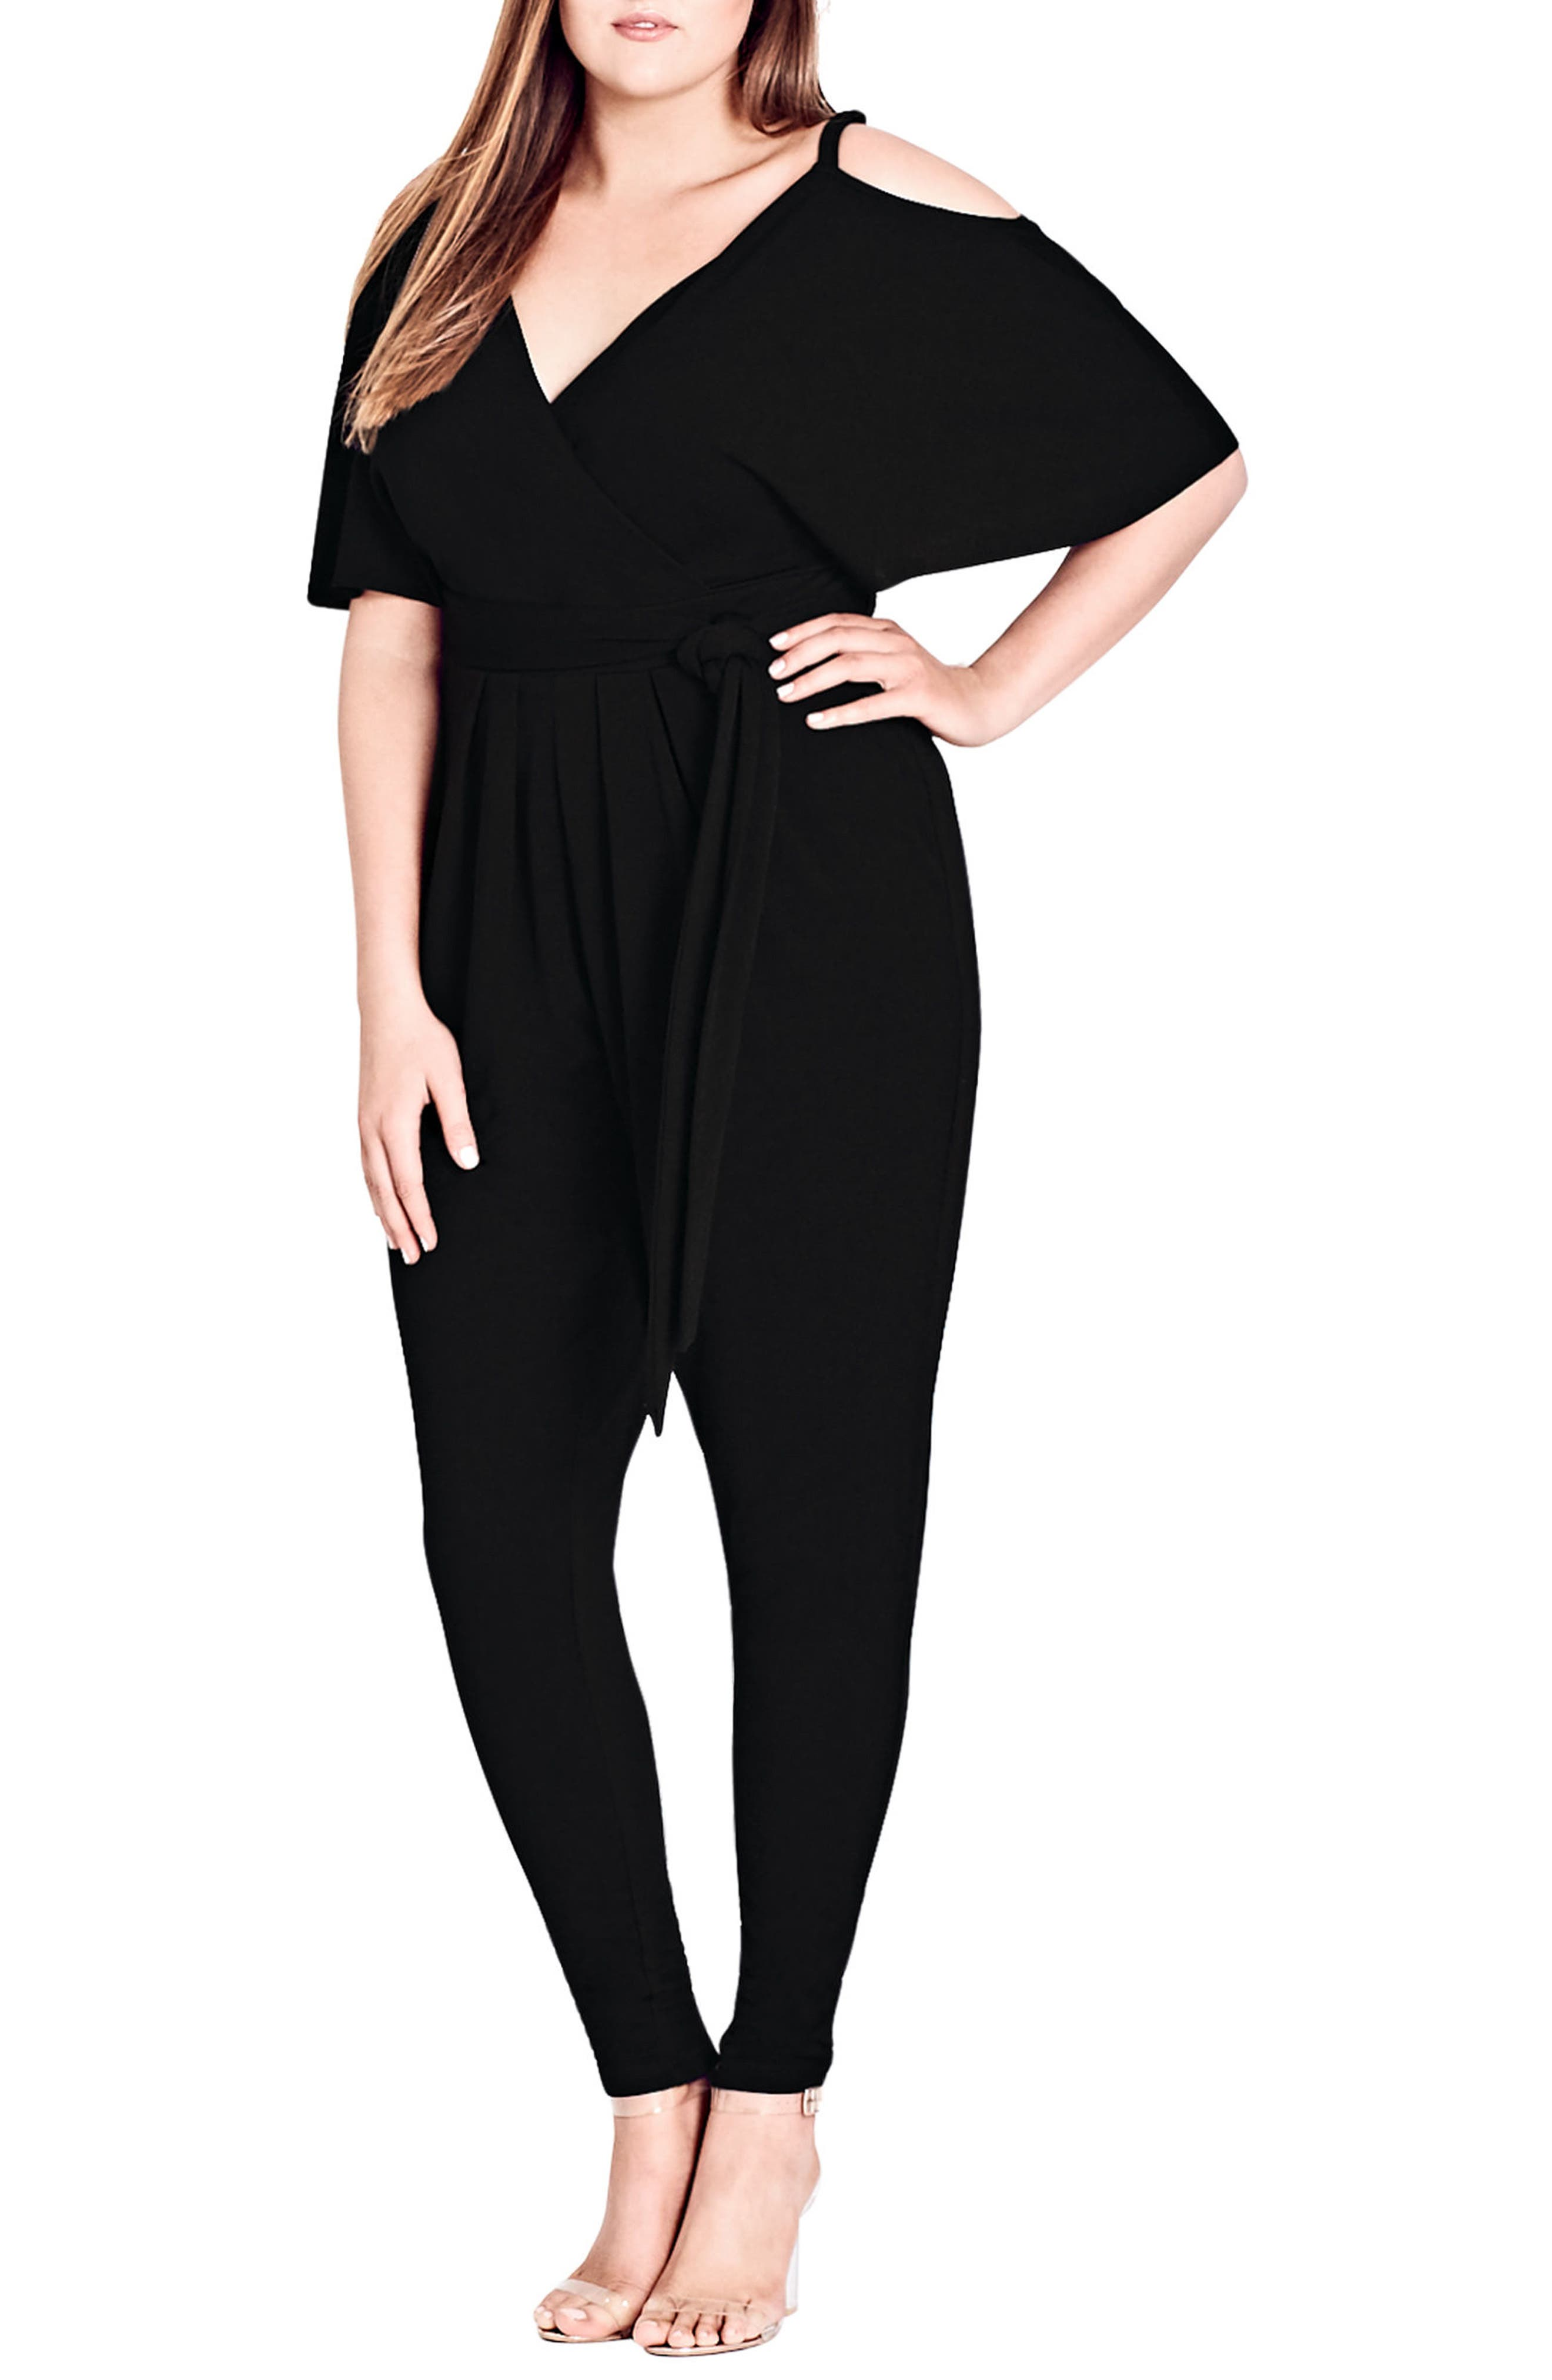 Main Image - City Chic Sassy Girl V-Neck Jumpsuit (Plus Size)